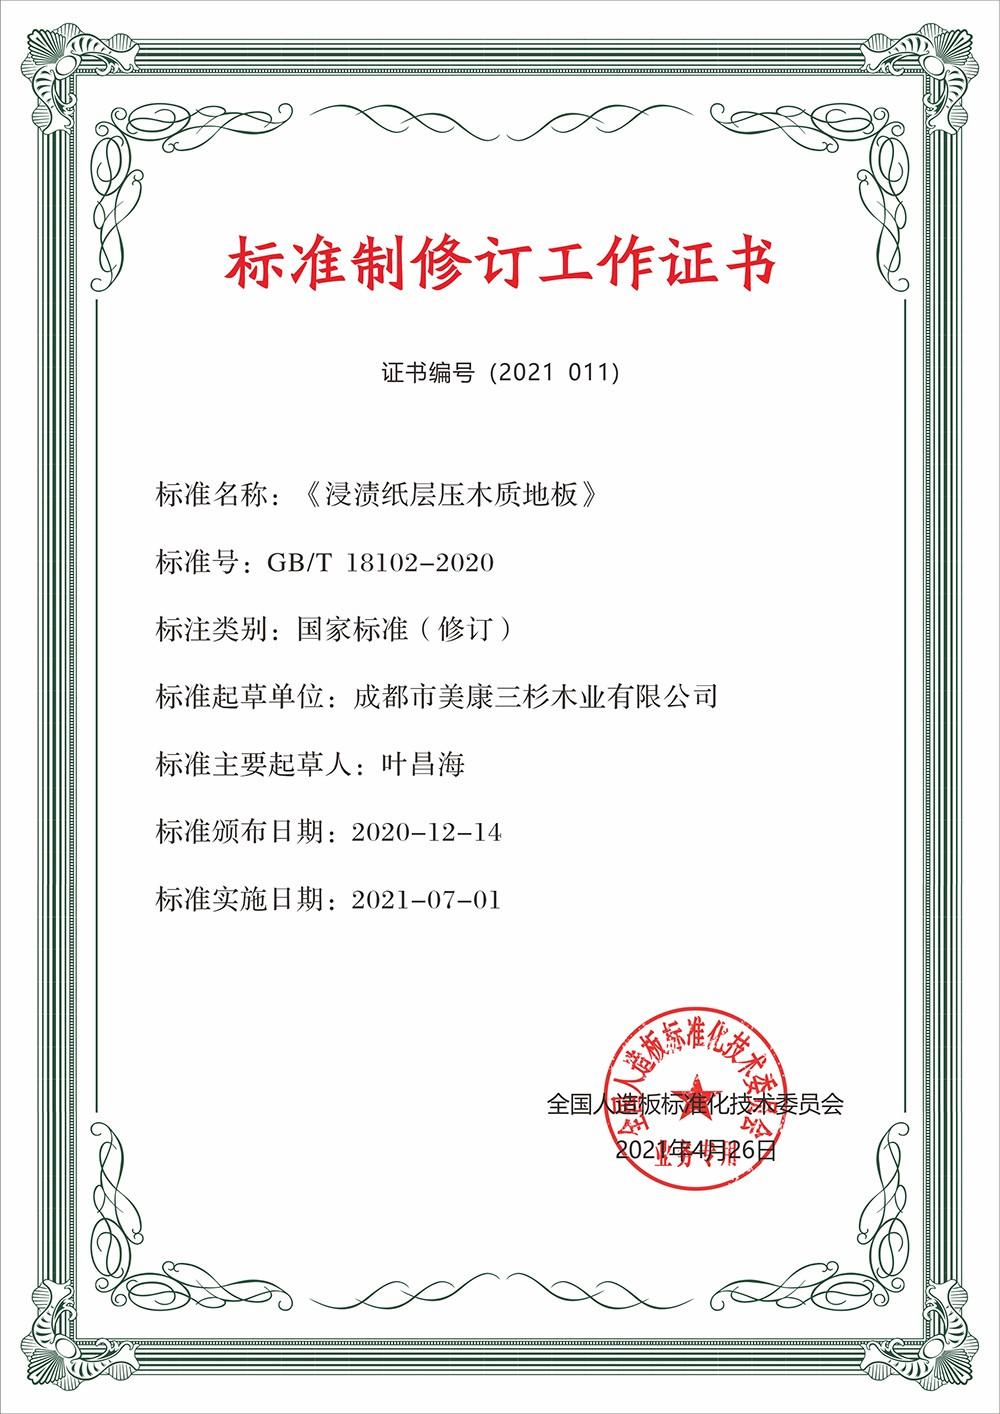 2021《浸渍纸层压木质地板》标准制修订工作证书.jpg